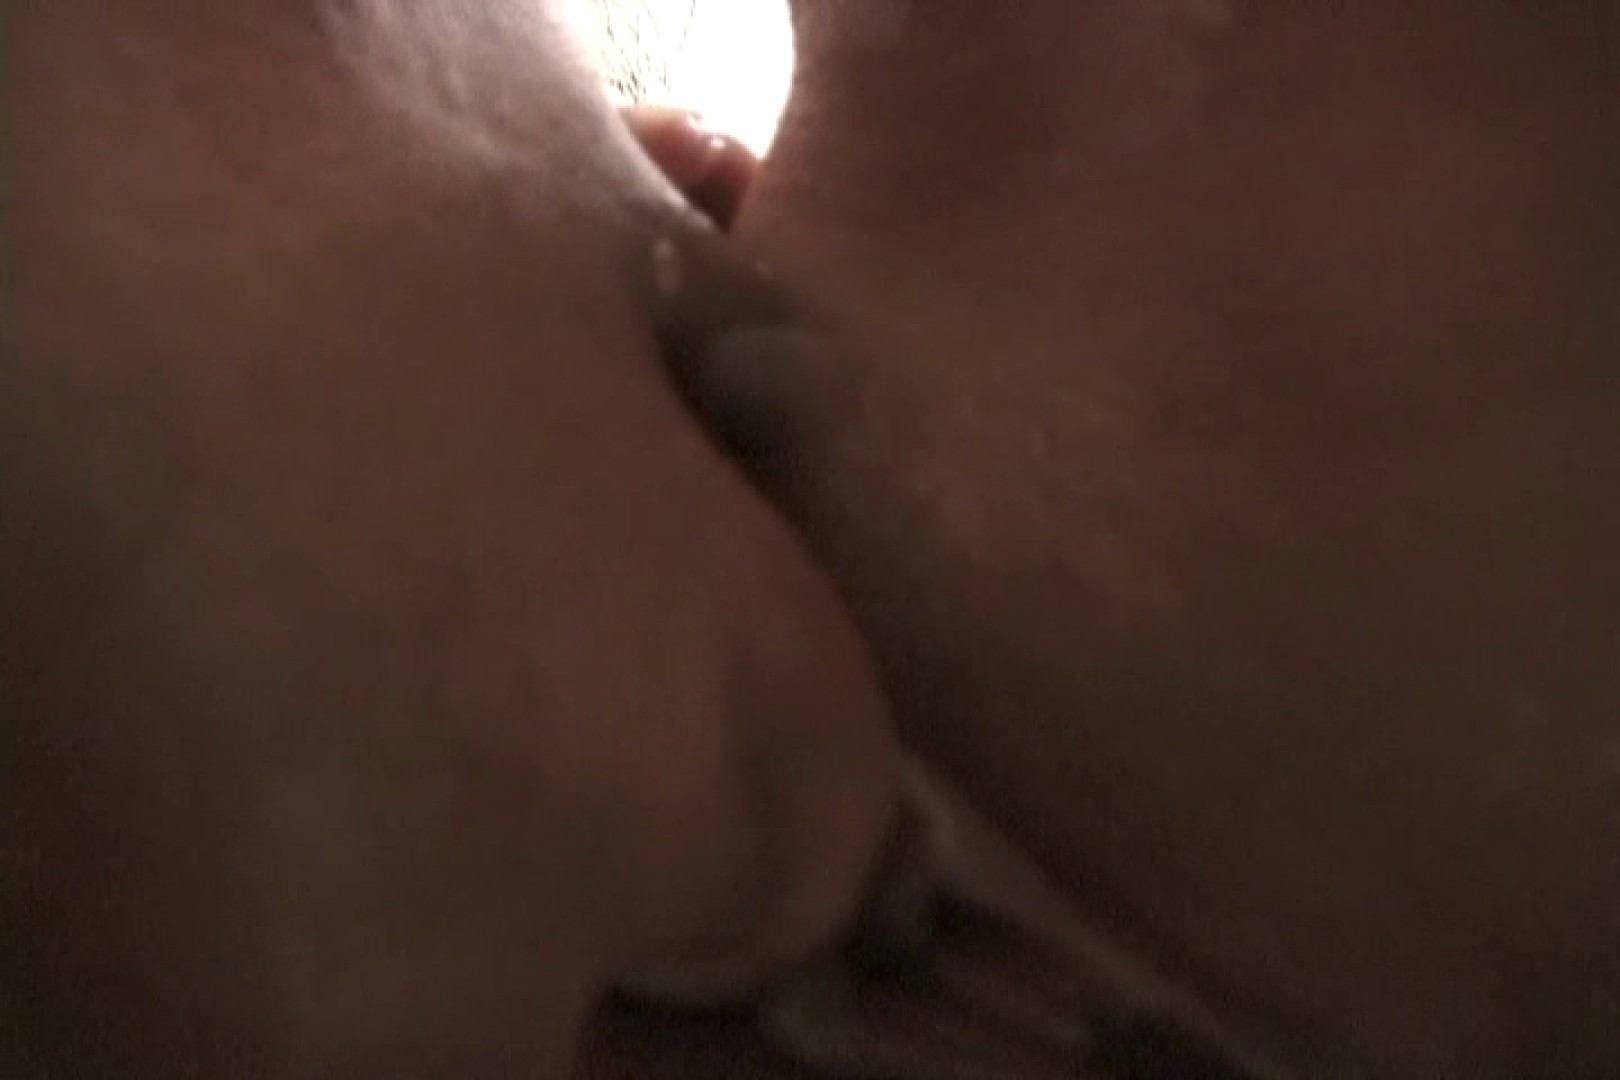 淫乱人妻に癒しを求める若い彼~川口早苗~ フェラ | マンコ  58pic 18